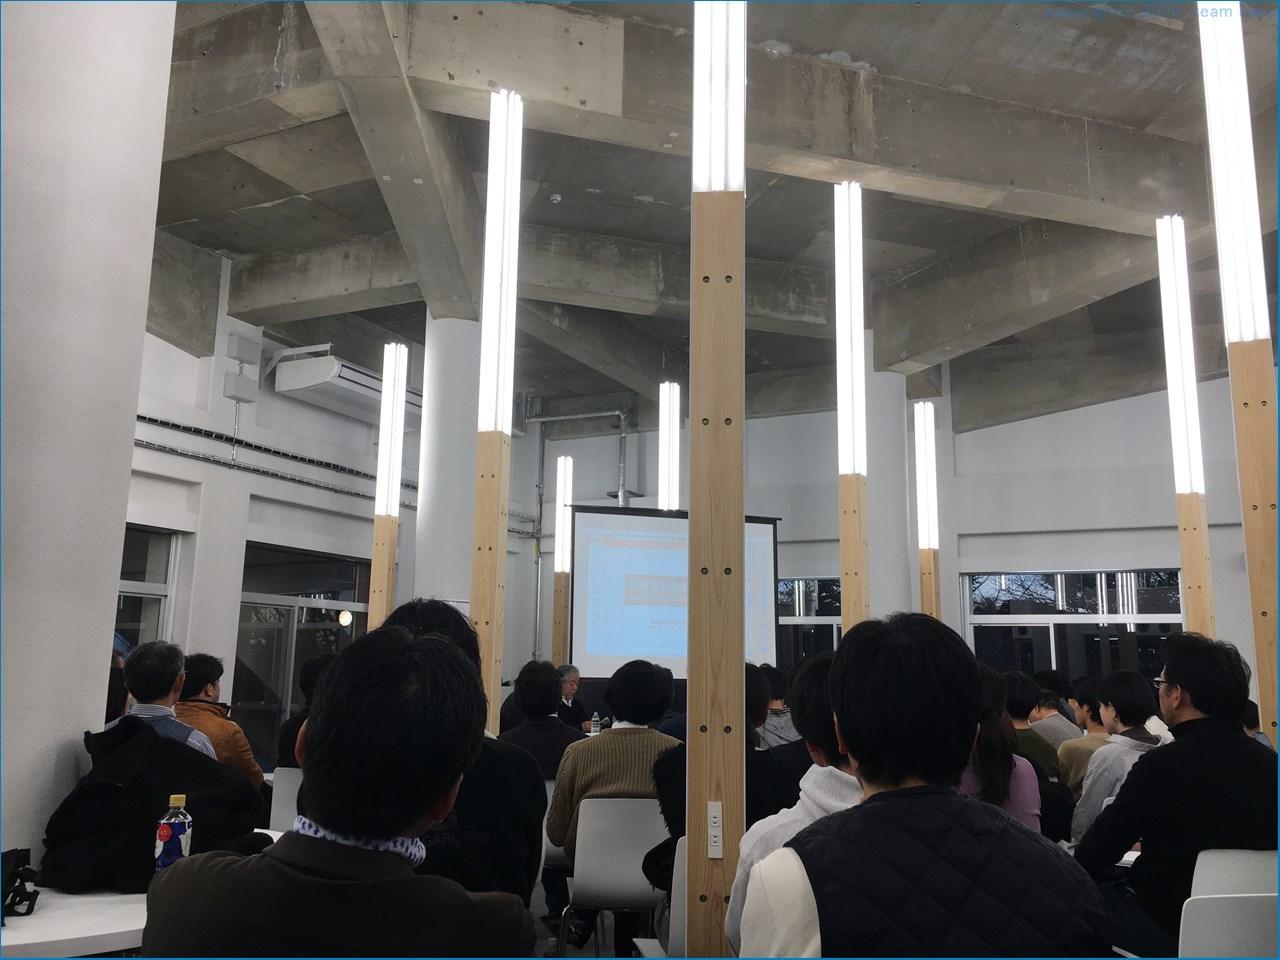 静岡理工科大 理工学部建築学科 公開シンポジウム_c0376508_15172976.jpg